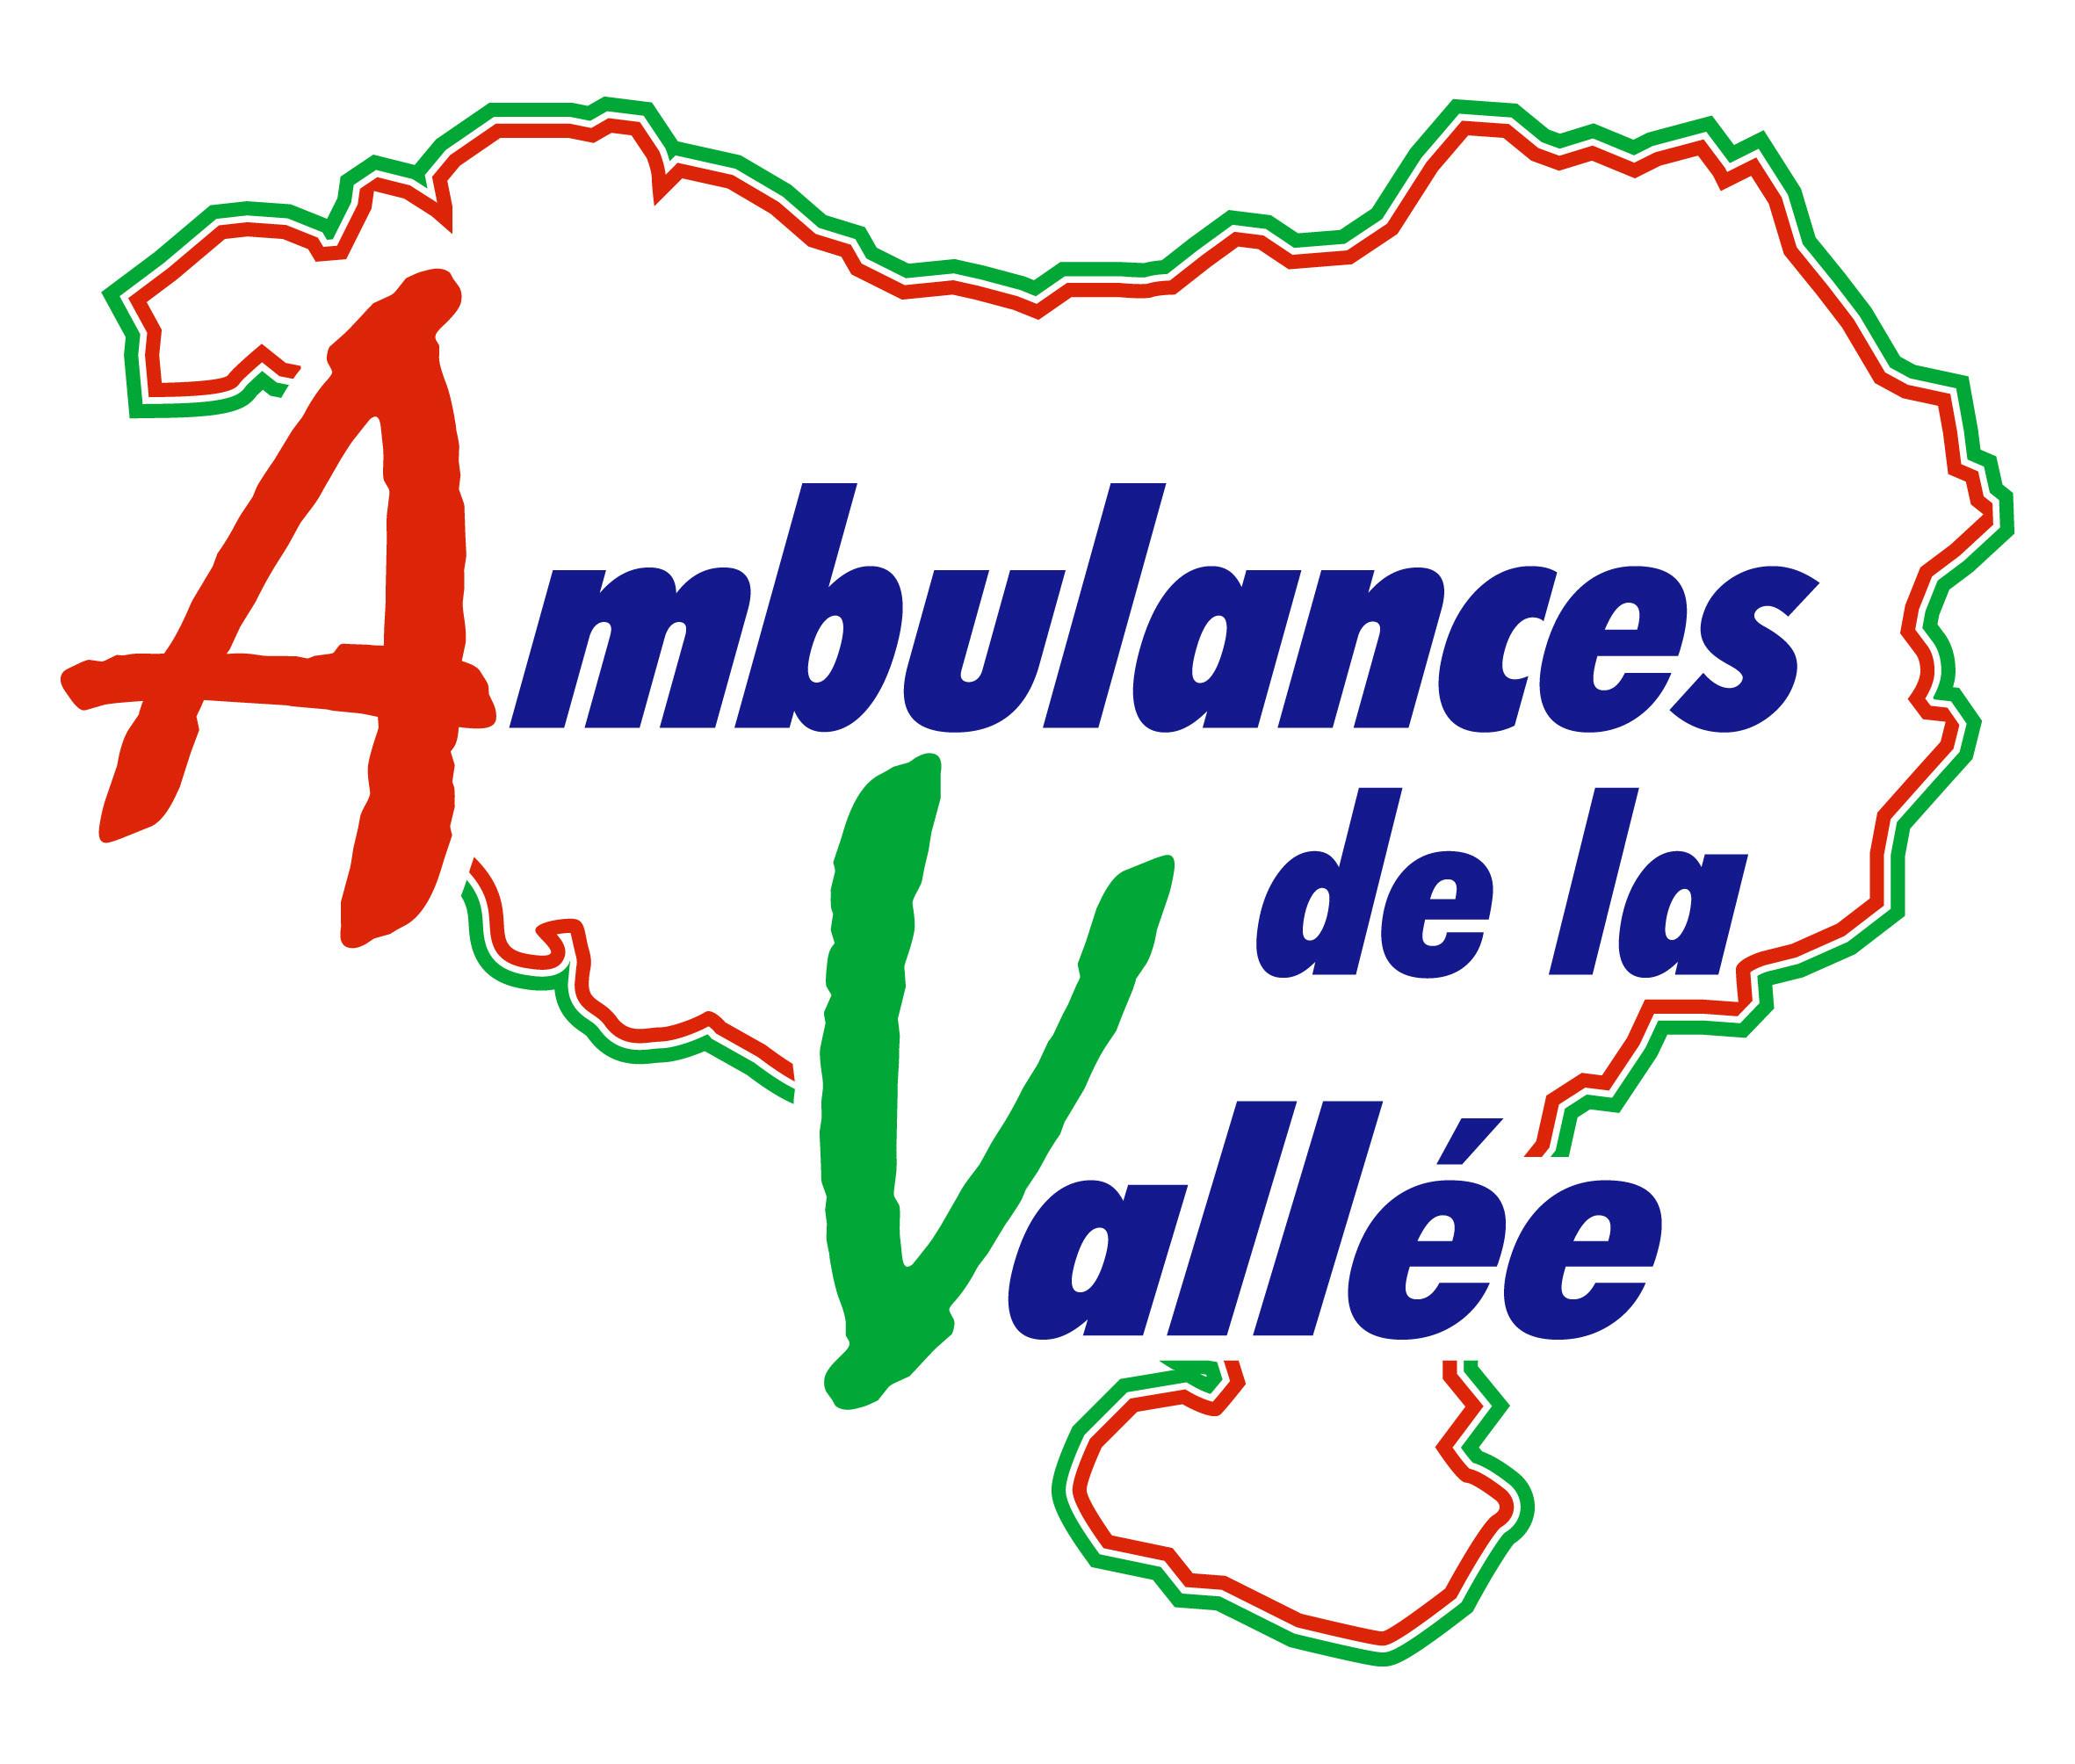 Ambulances de la vall e 2 bayonne carius - Retour de couche quand reprendre la pilule ...